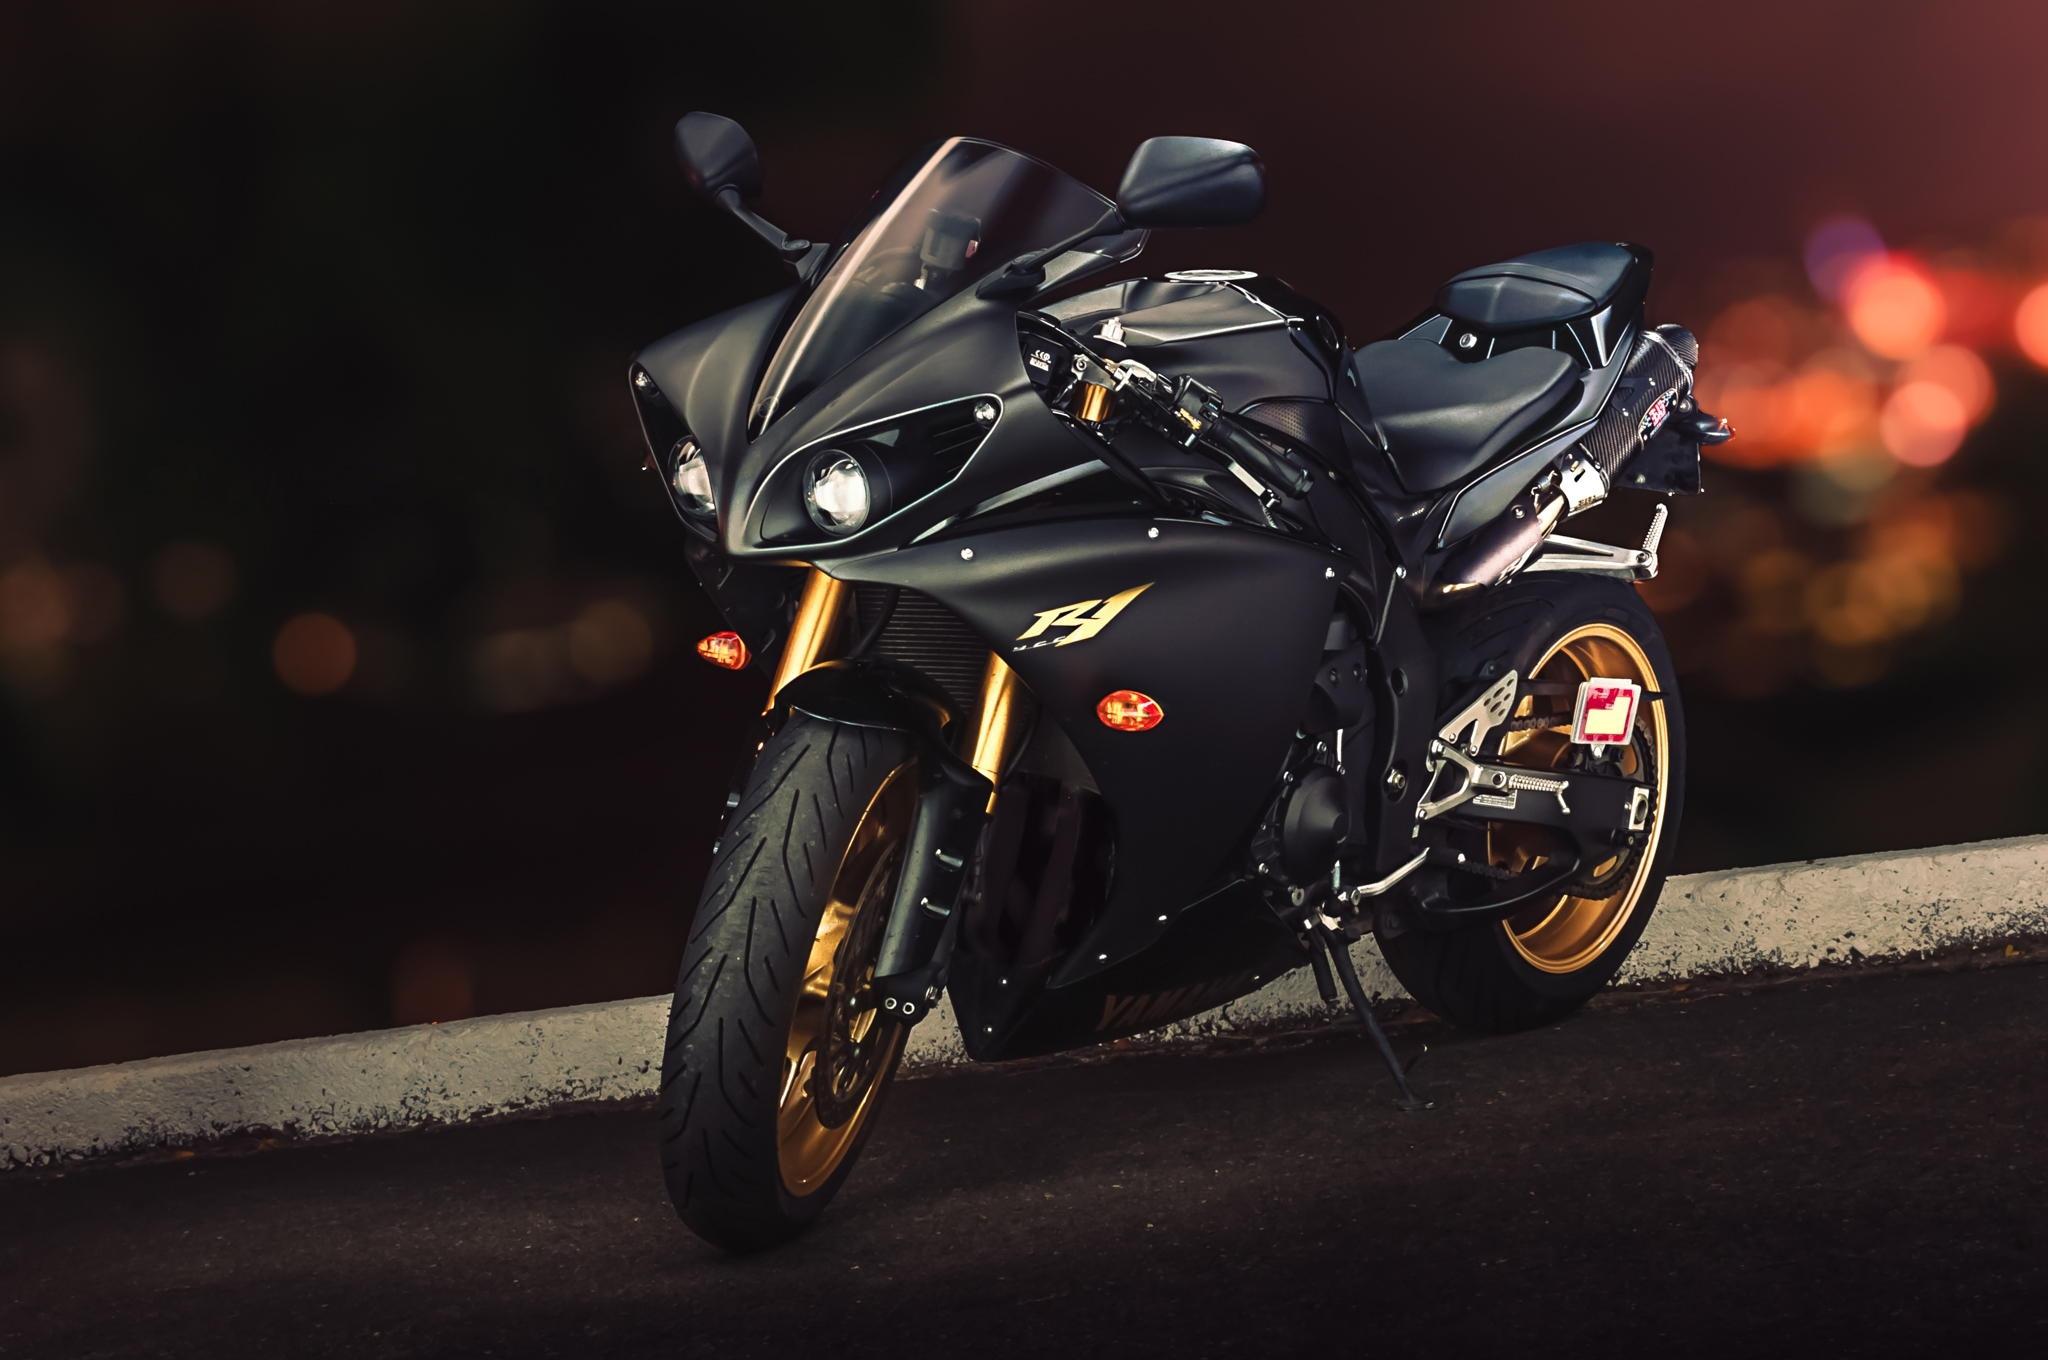 127462 Hintergrundbild herunterladen Motorräder, Yamaha, Sportfahrrad, Yzf-R1 - Bildschirmschoner und Bilder kostenlos